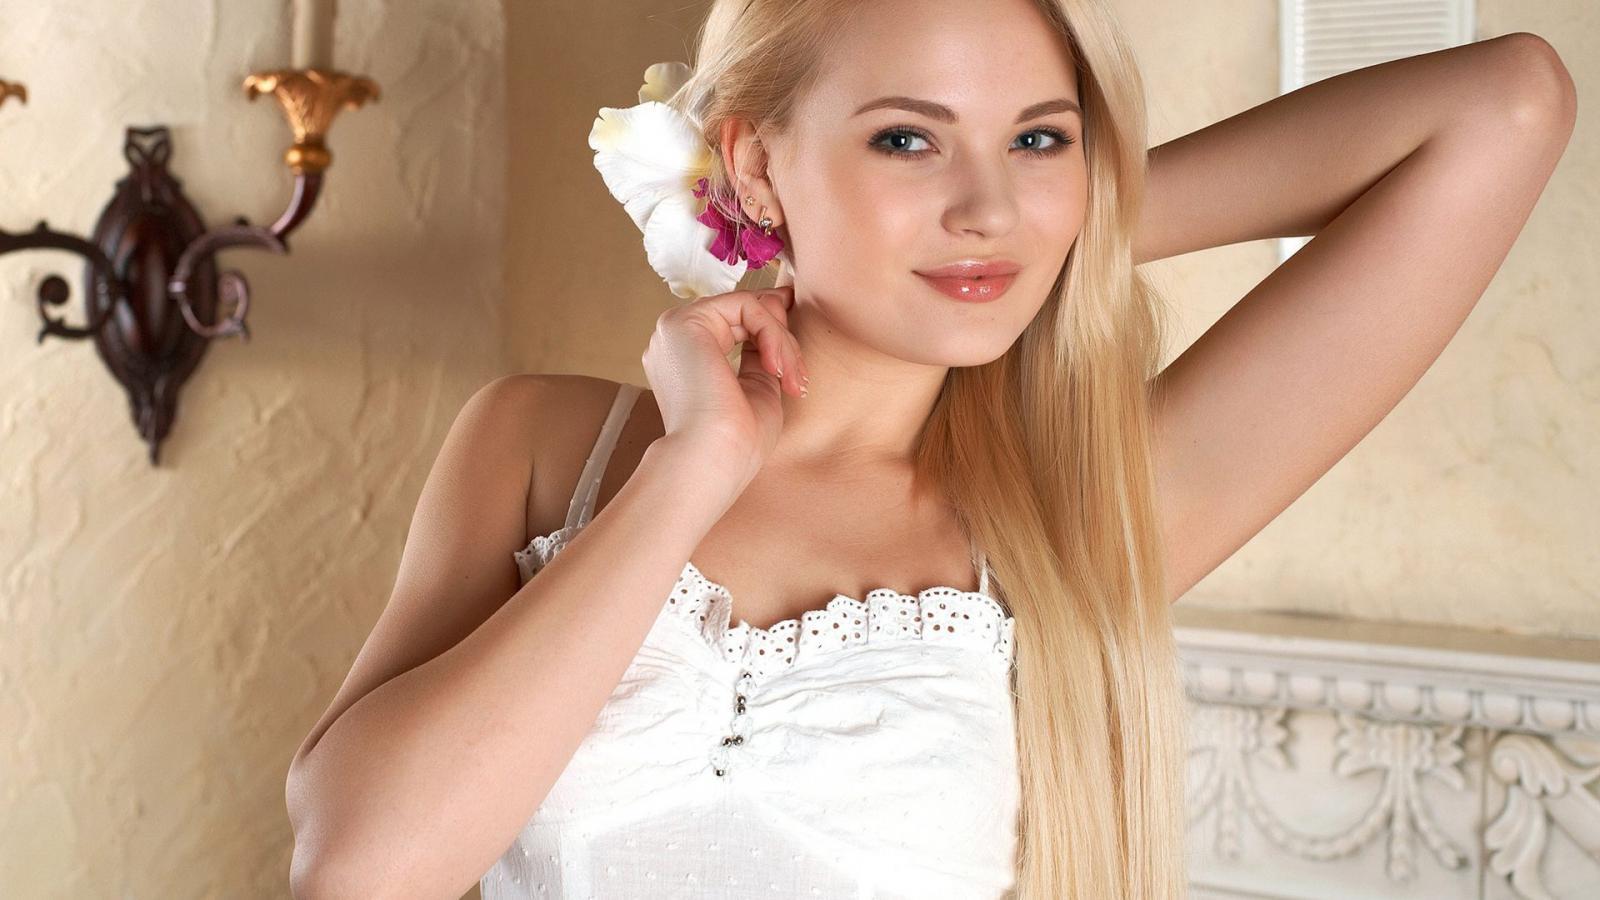 صوره صور لفتيات جميلات جدا فى منتهى الاناقه